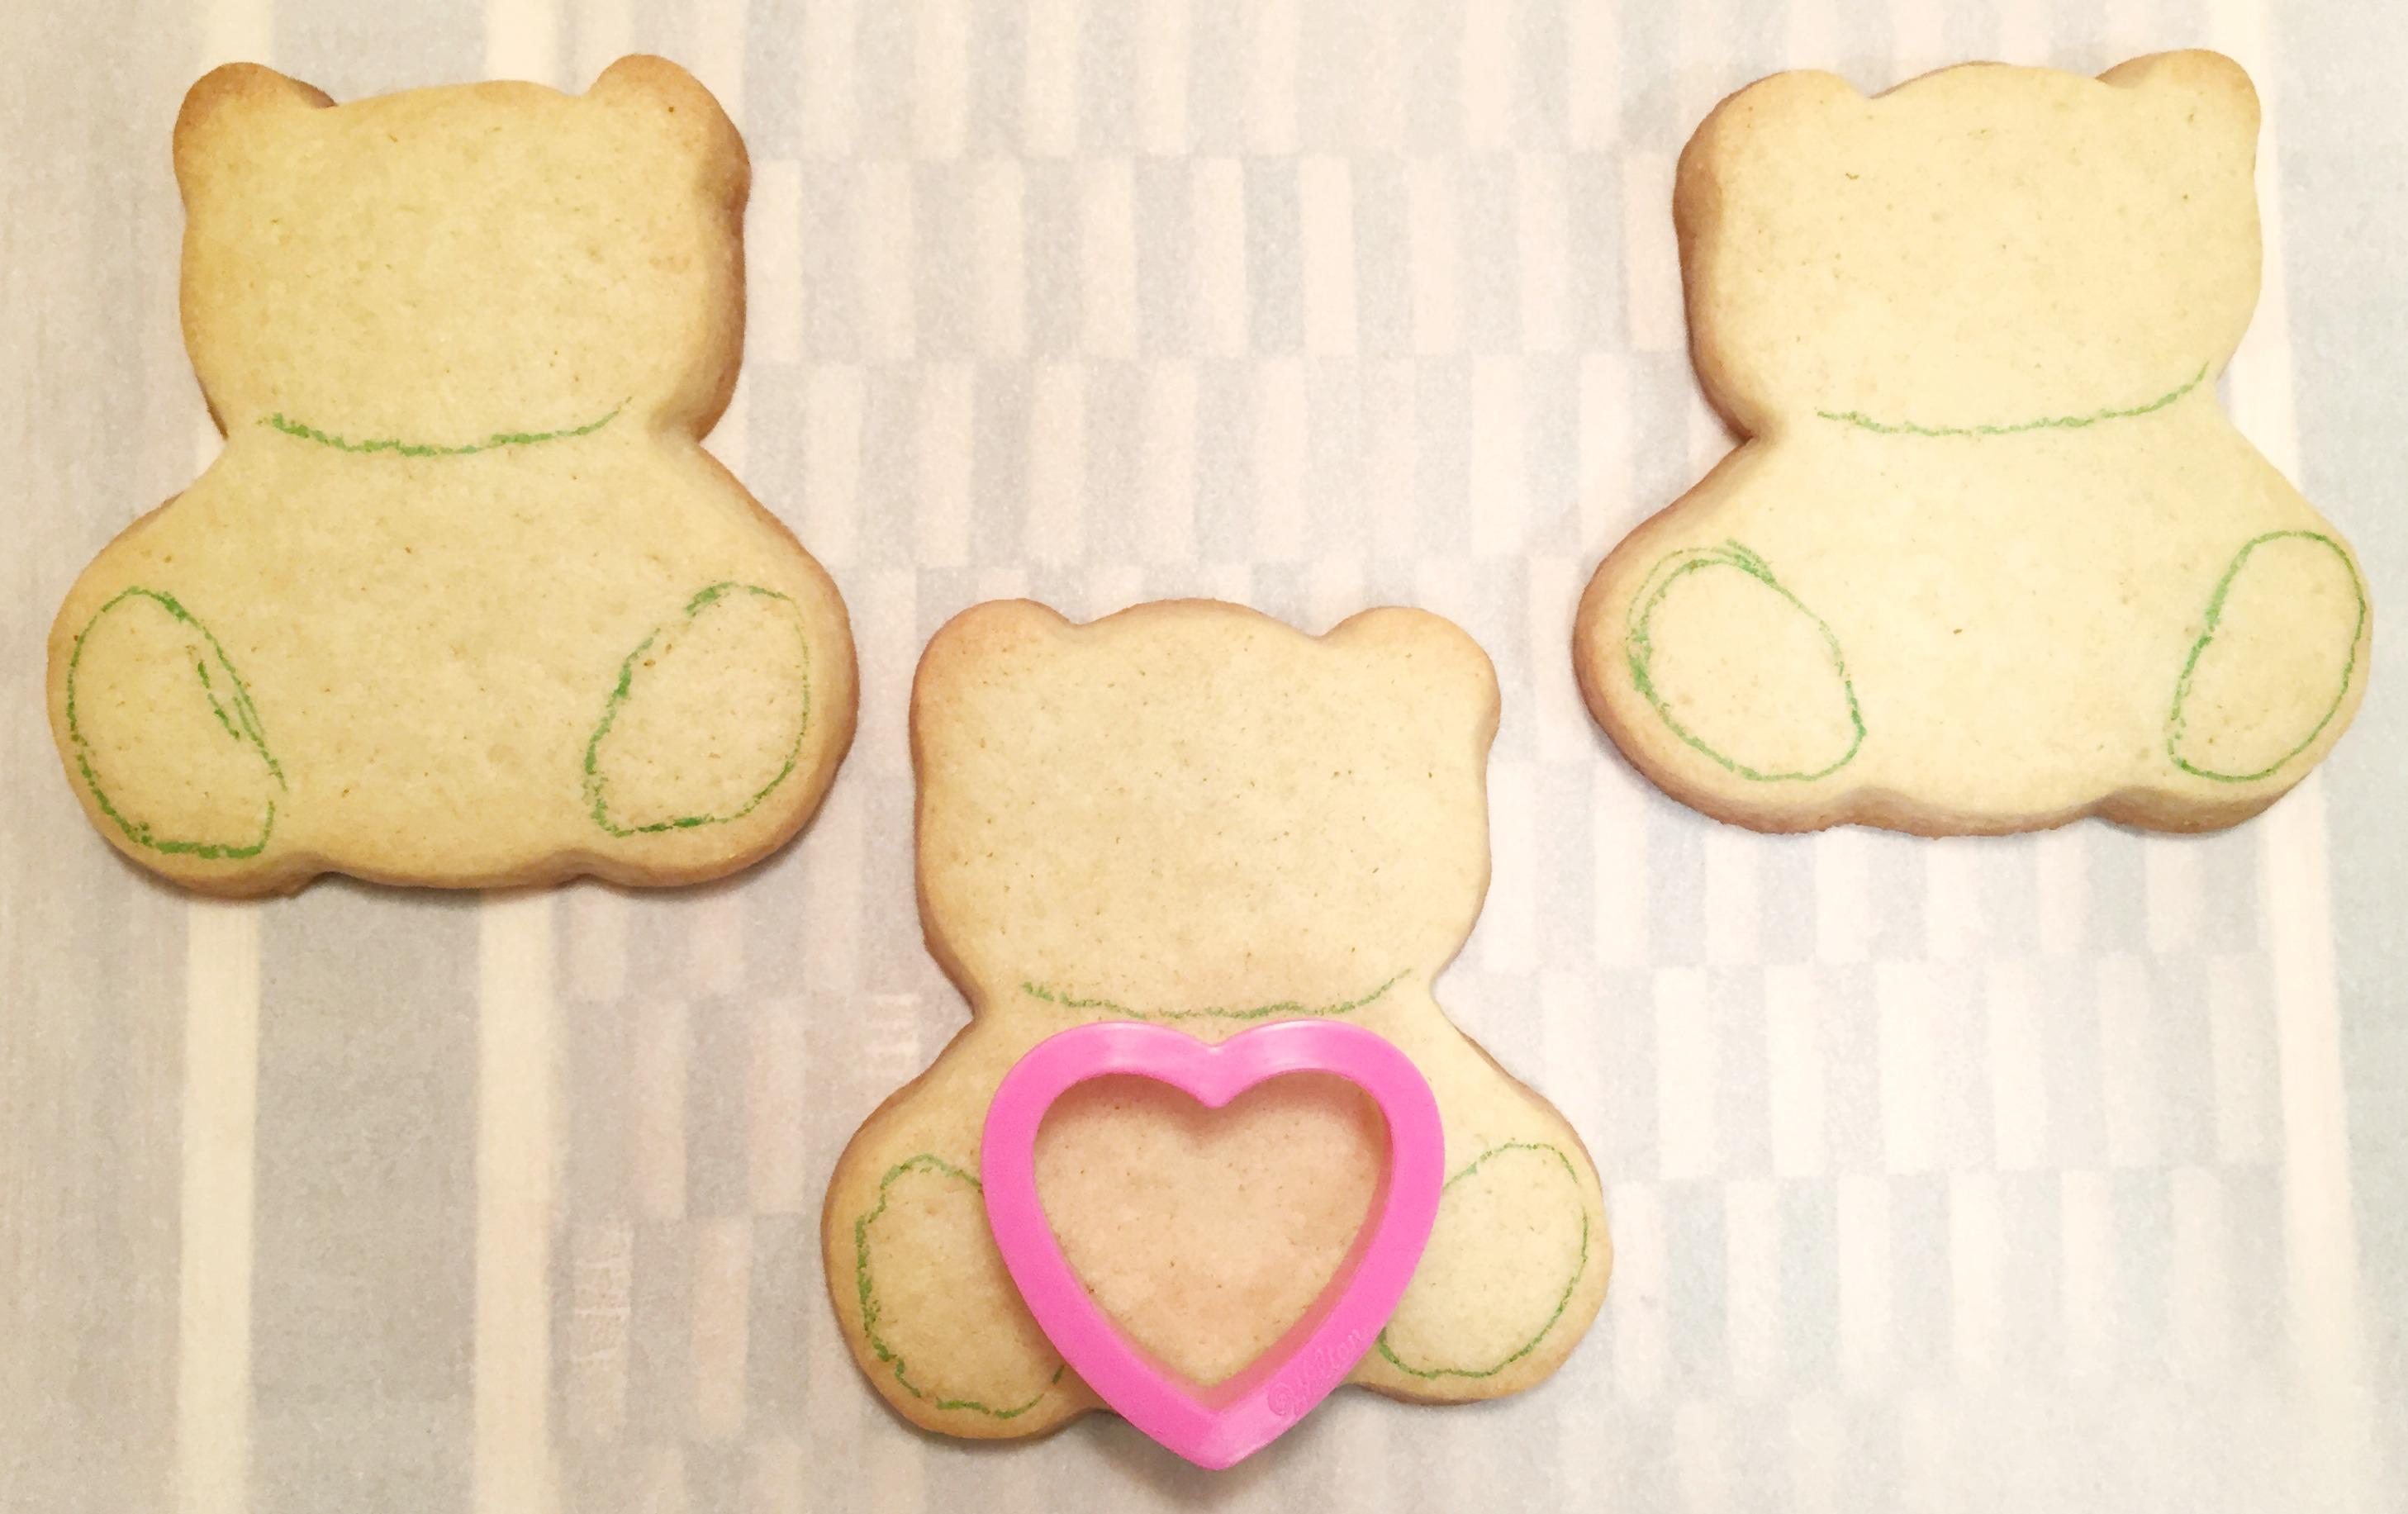 Teddy Bear - Outline